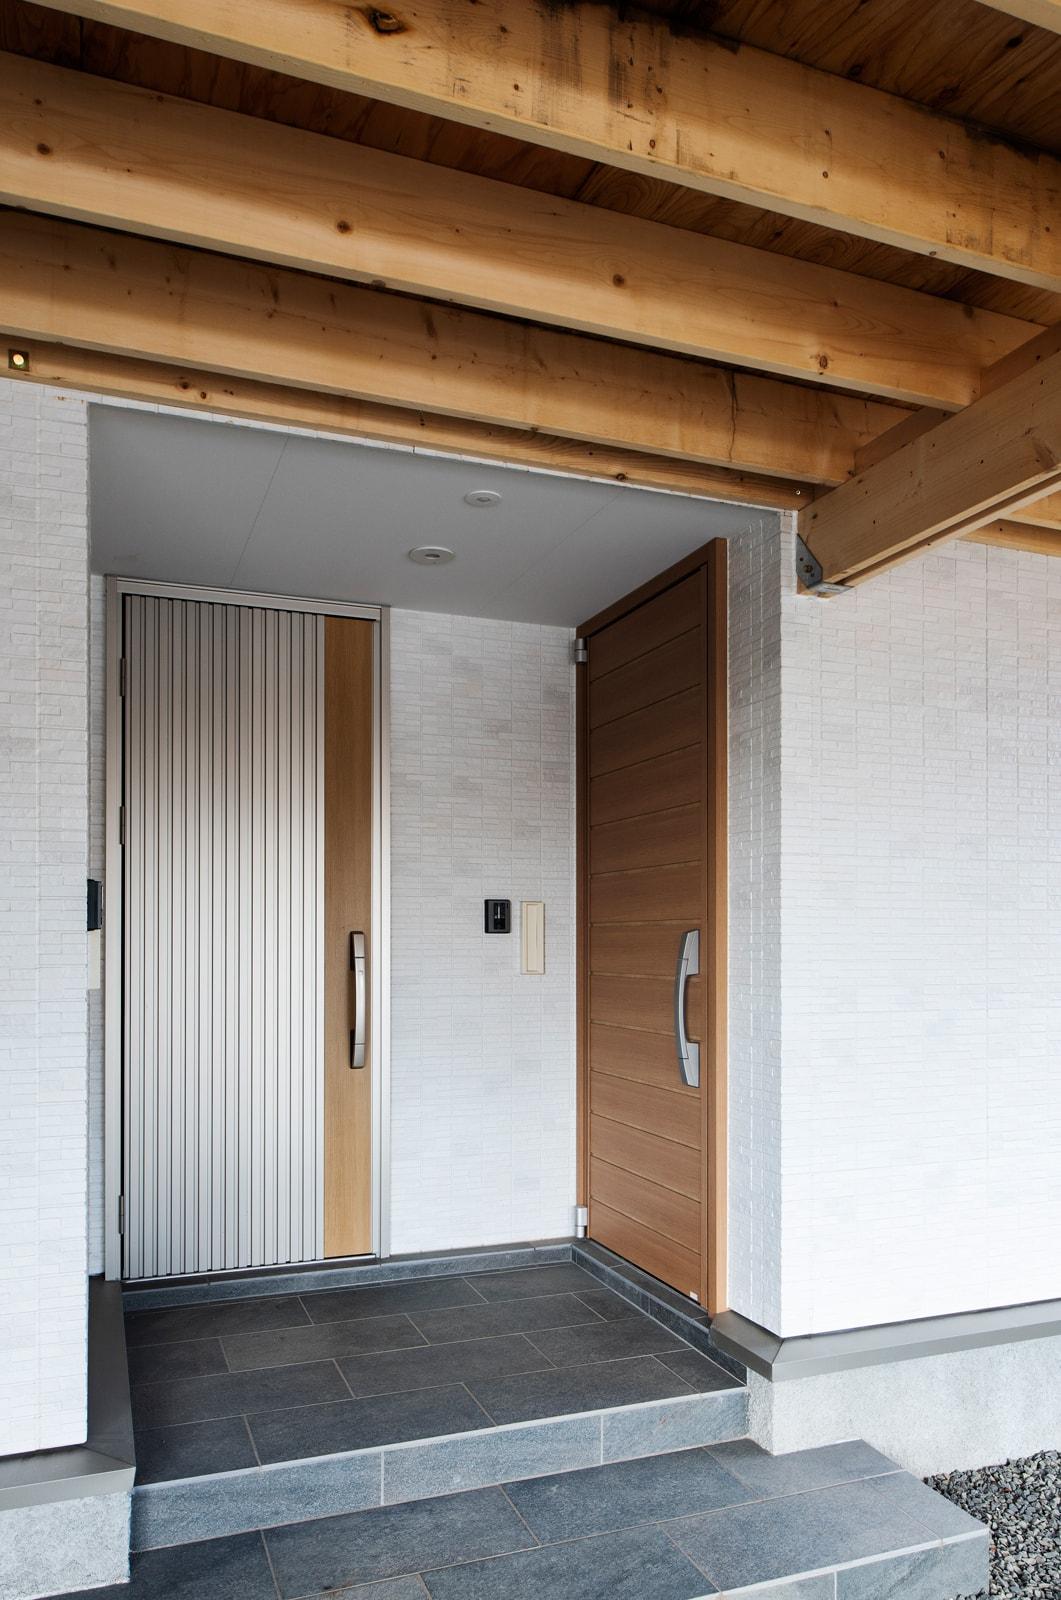 玄関ドアは世帯ごとに分けている。正面に見えるのが親世帯で、右側にあるのが子世帯